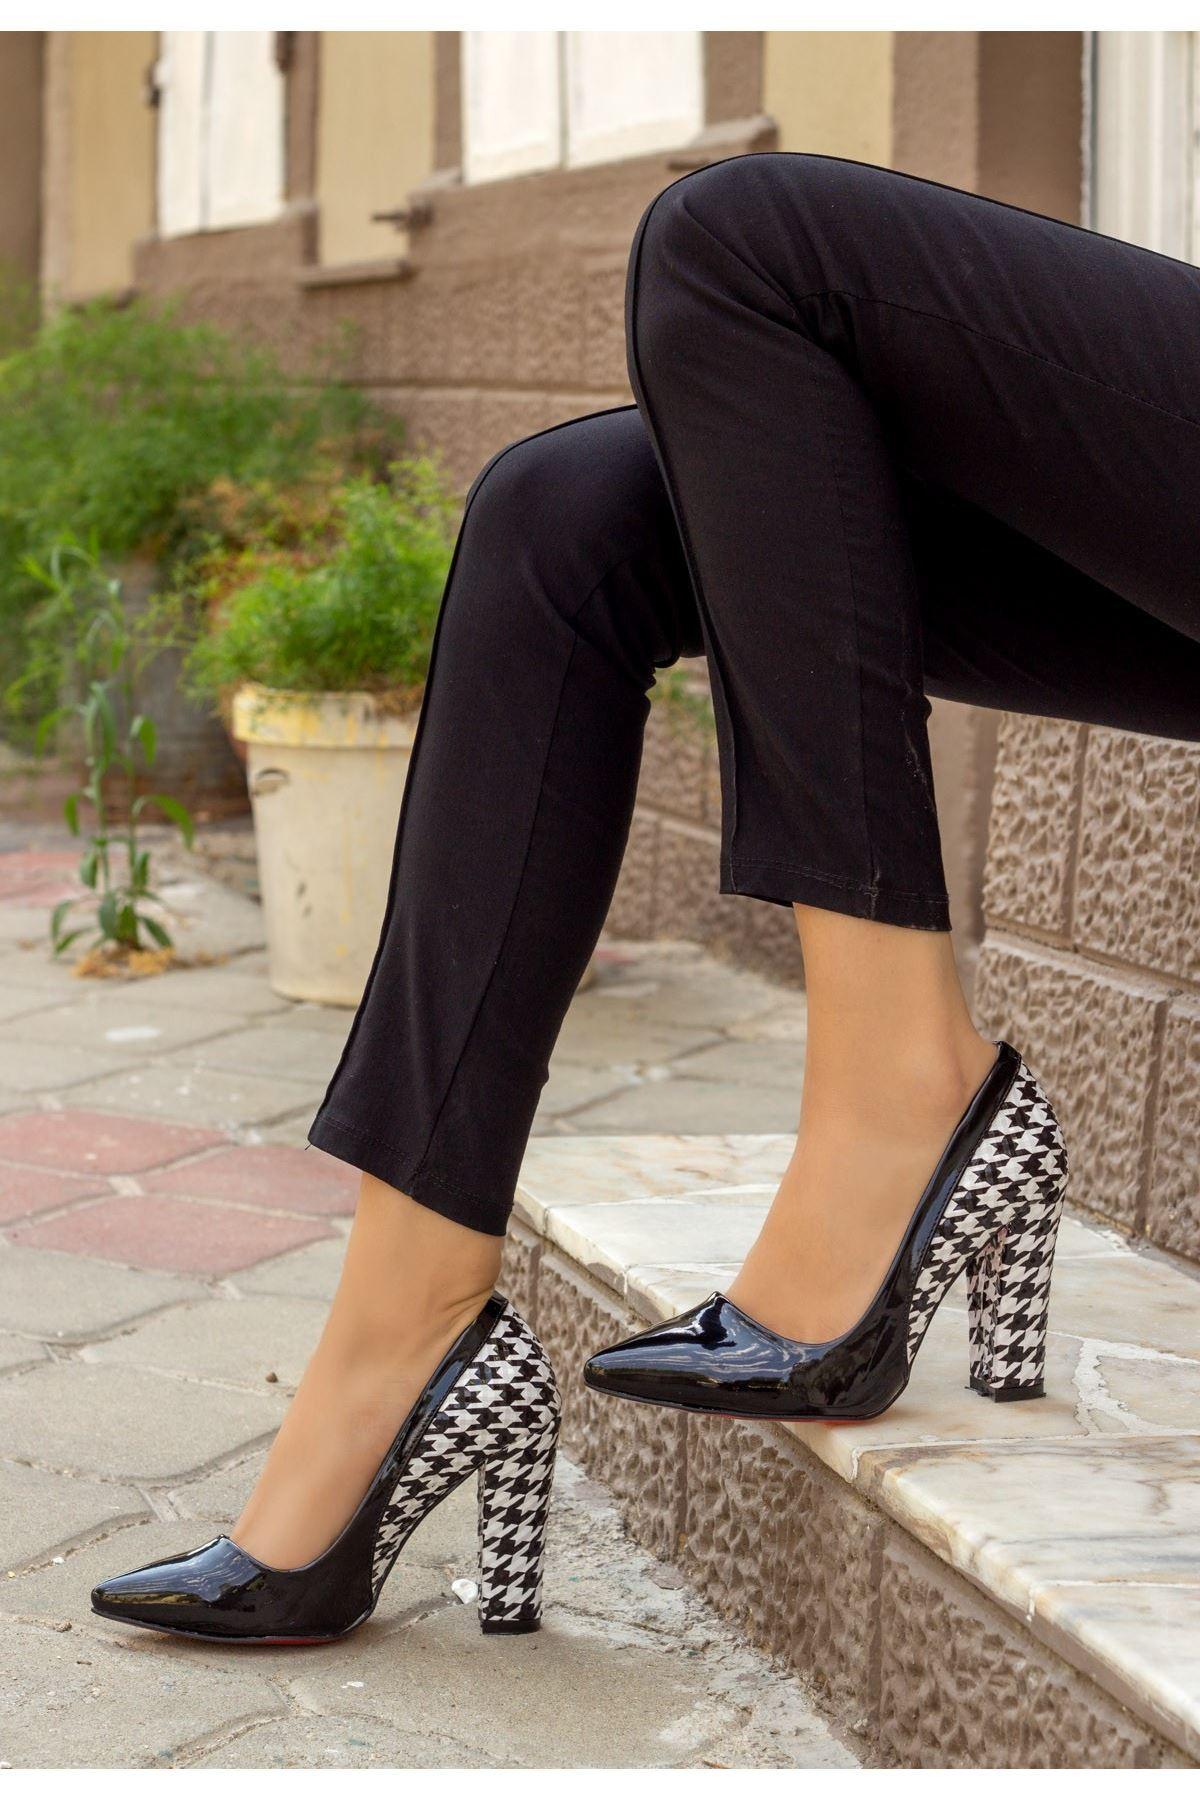 Vart Siyah Rugan Kaz Ayağı Topuklu Ayakkabı